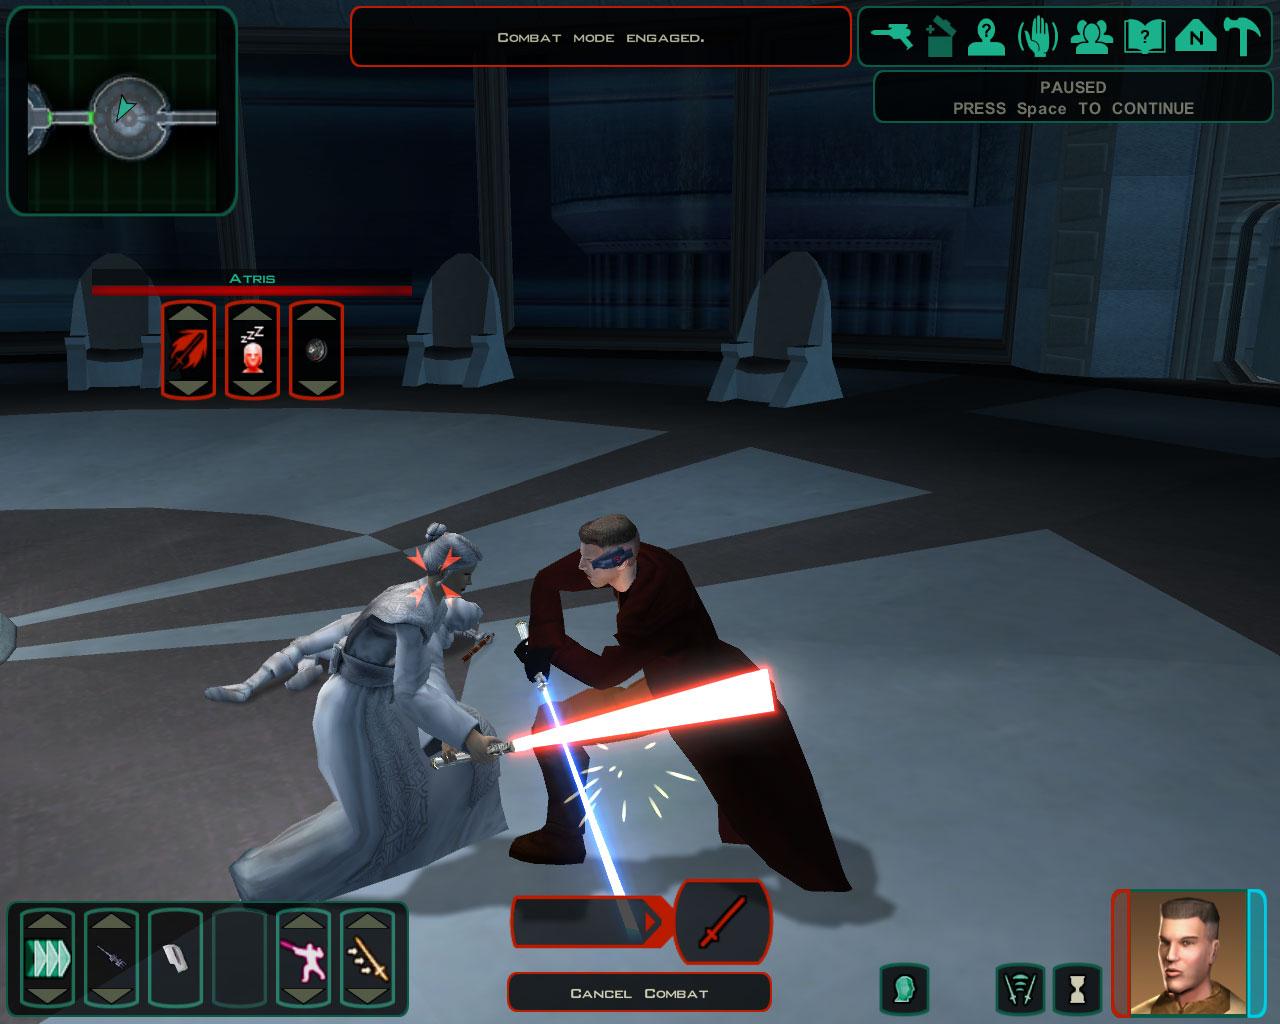 Los Mejores Juegos De Star Wars Parte I Hobbyconsolas Juegos